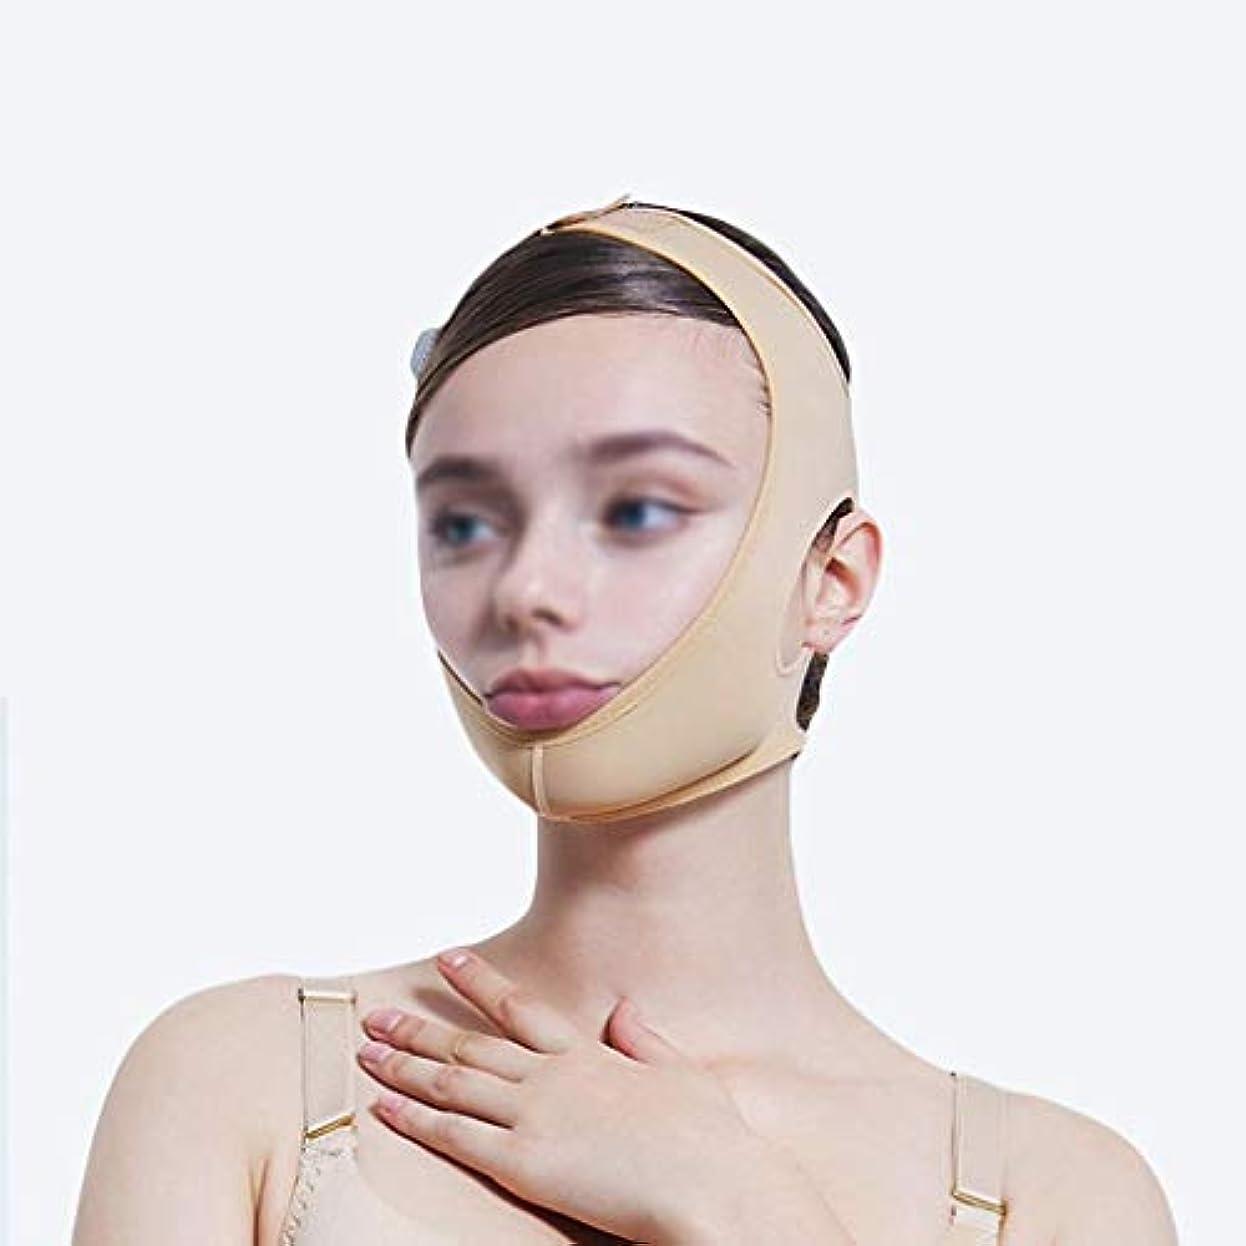 子羊内部音声フェイシャルライン、頬、しわ防止フェイシャル減量、フェイスバンド、フェイスマスク、フェイスリフティング、通気性、ダブルチンストラップ(サイズ:XXL),M